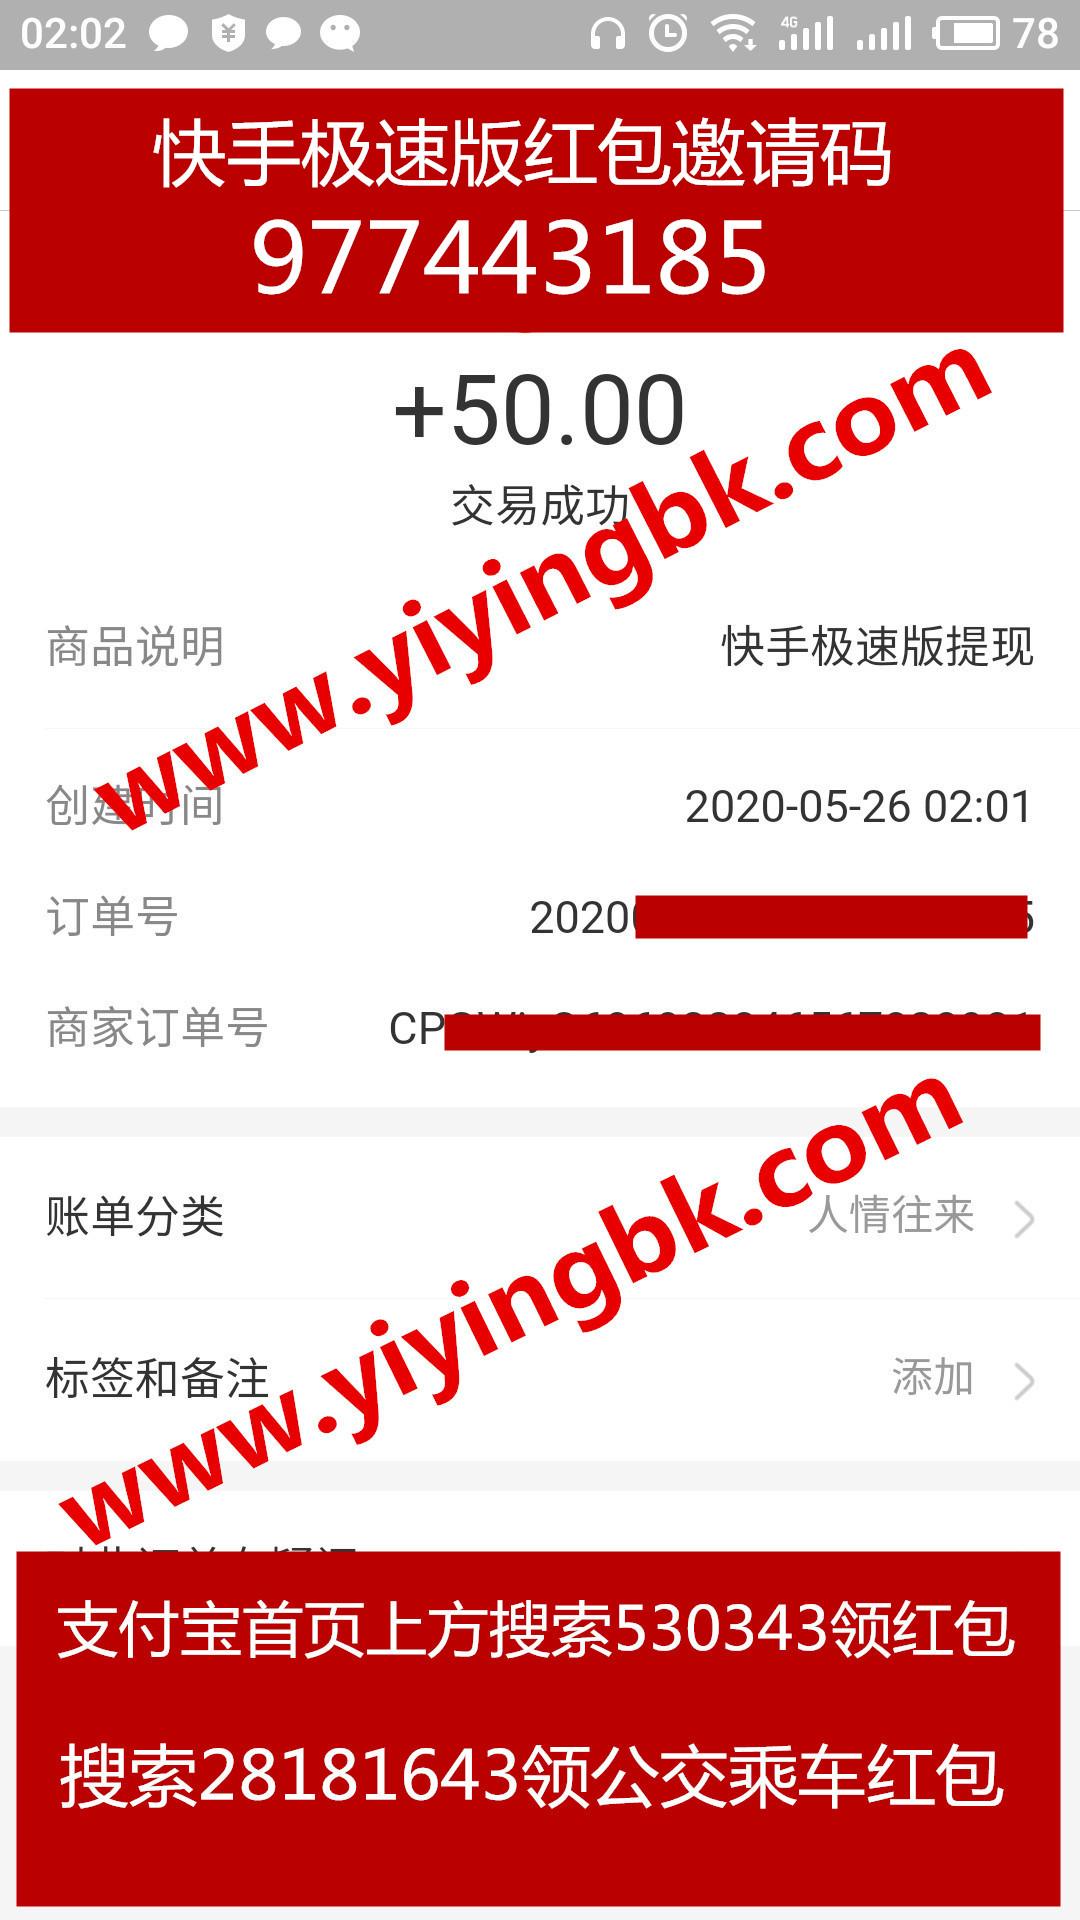 快手极速版填邀请码977443185领红包,免费红包每人都能领!